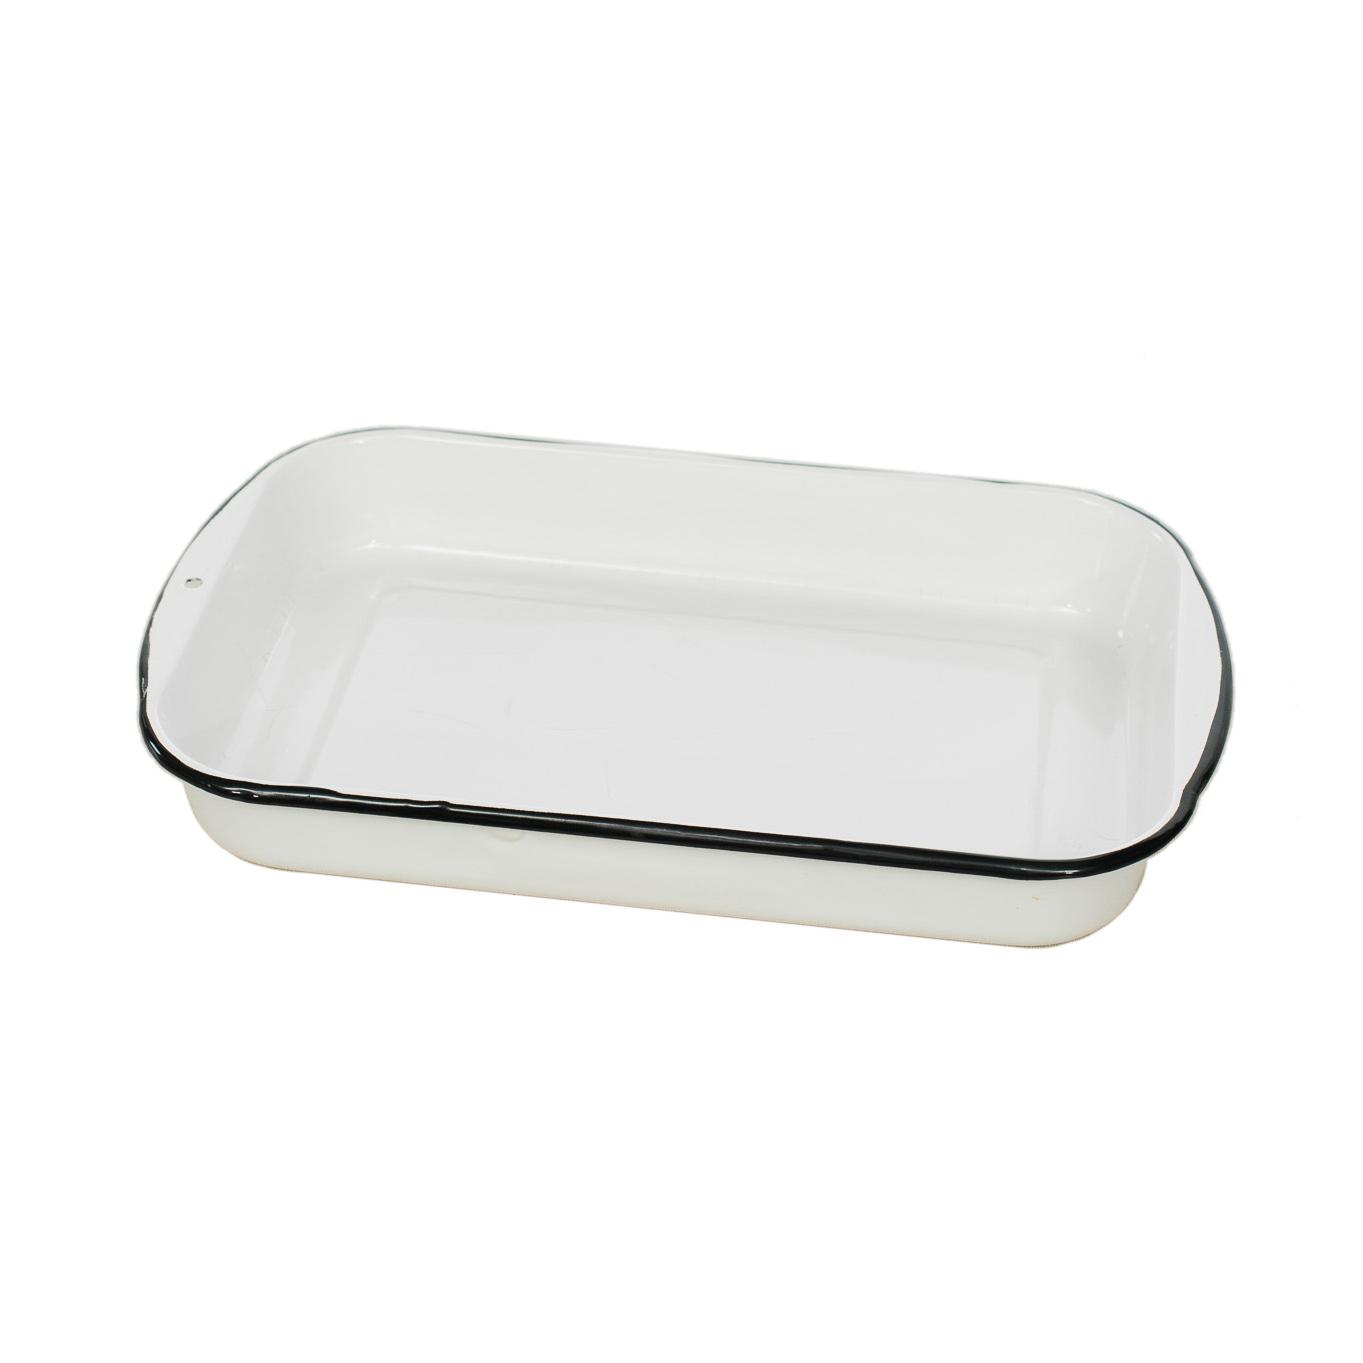 Enamelware Baking Pan